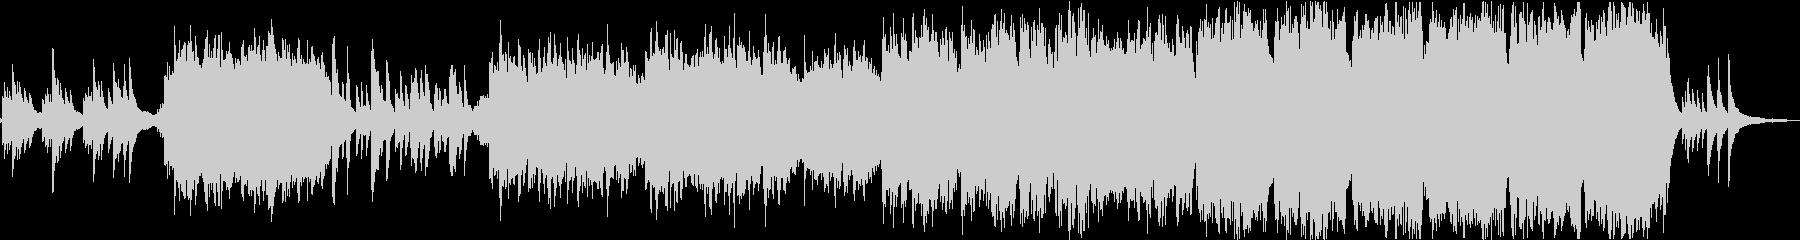 ストリングスとピアノのシンプルなバラードの未再生の波形